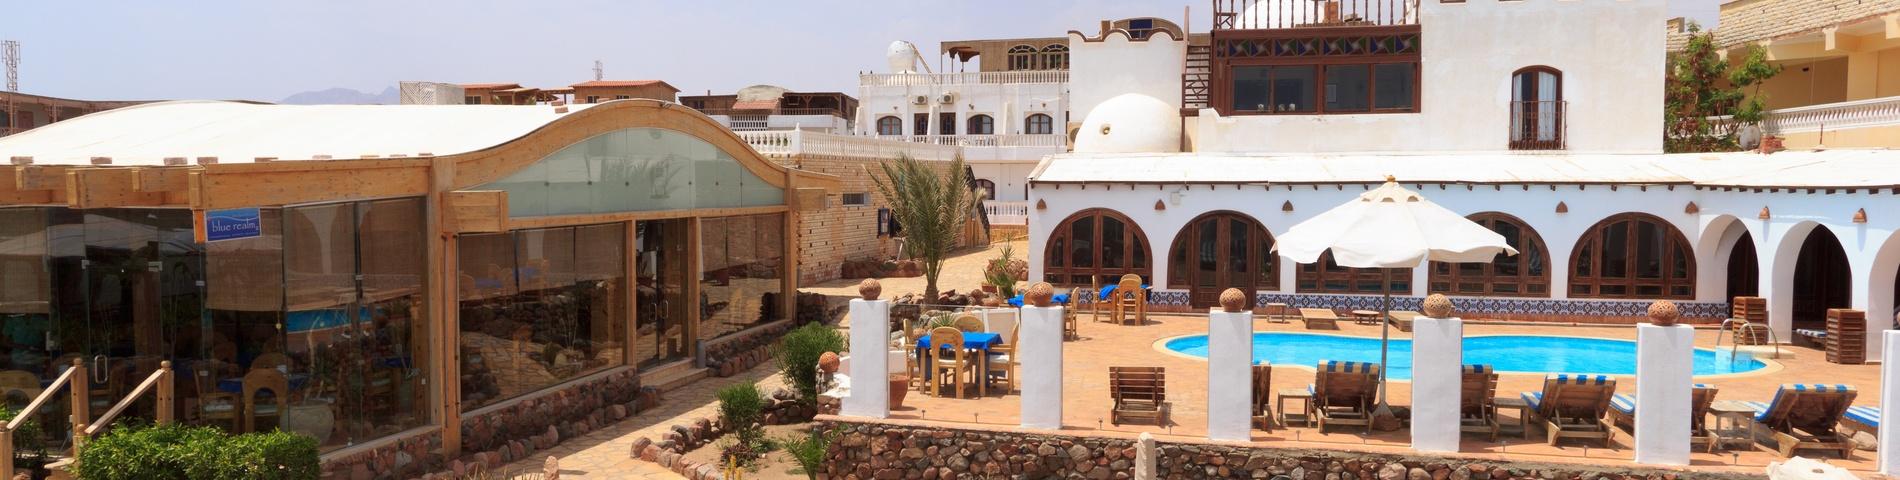 Blue Beach Club School Of Arabic Language зображення 1